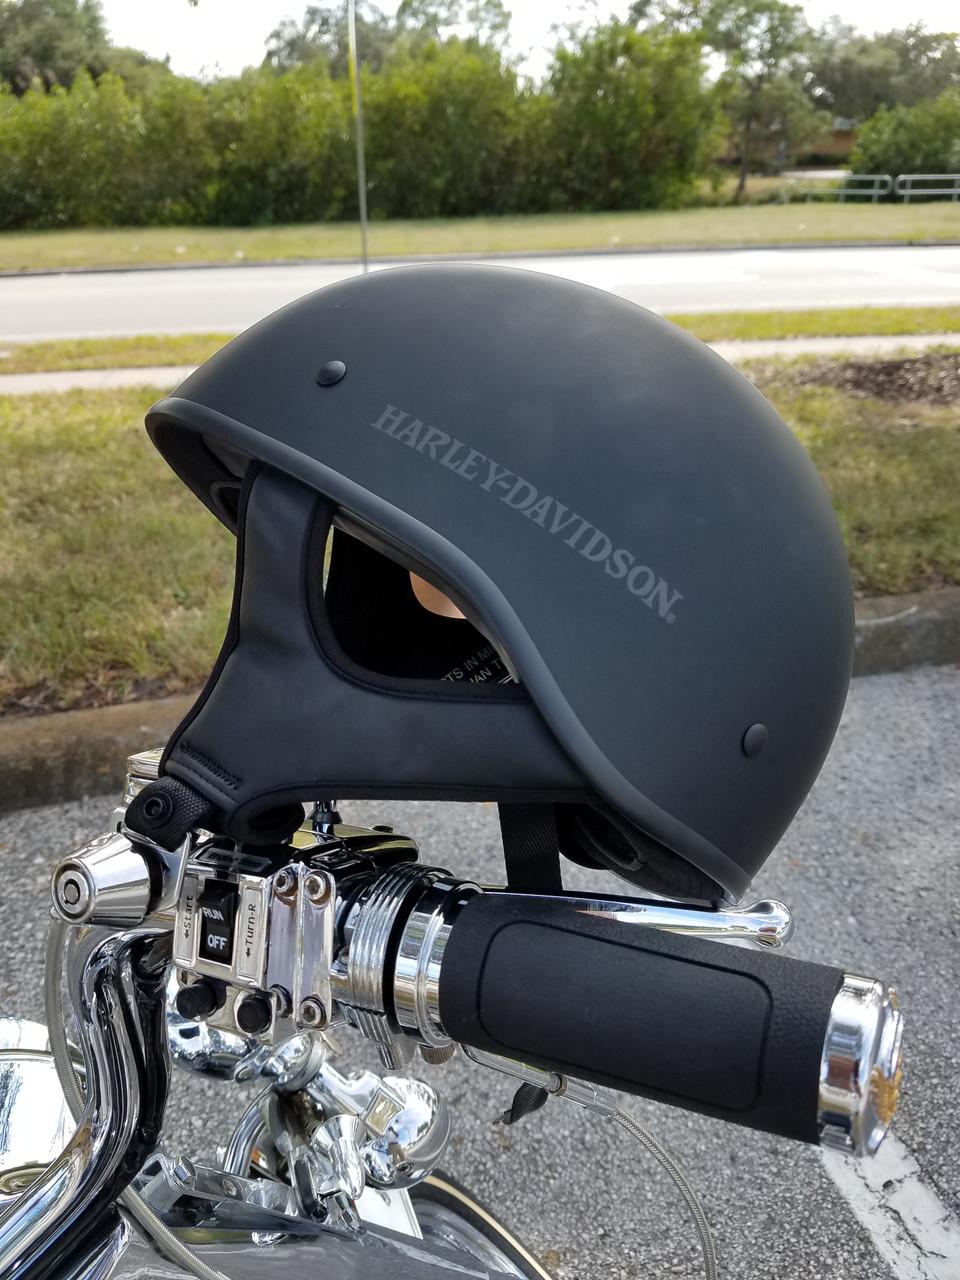 Lidlox Helmet Lock for Harley Davidsons.  Clean design, easy to install, easy to use motorcycle helmet lock.